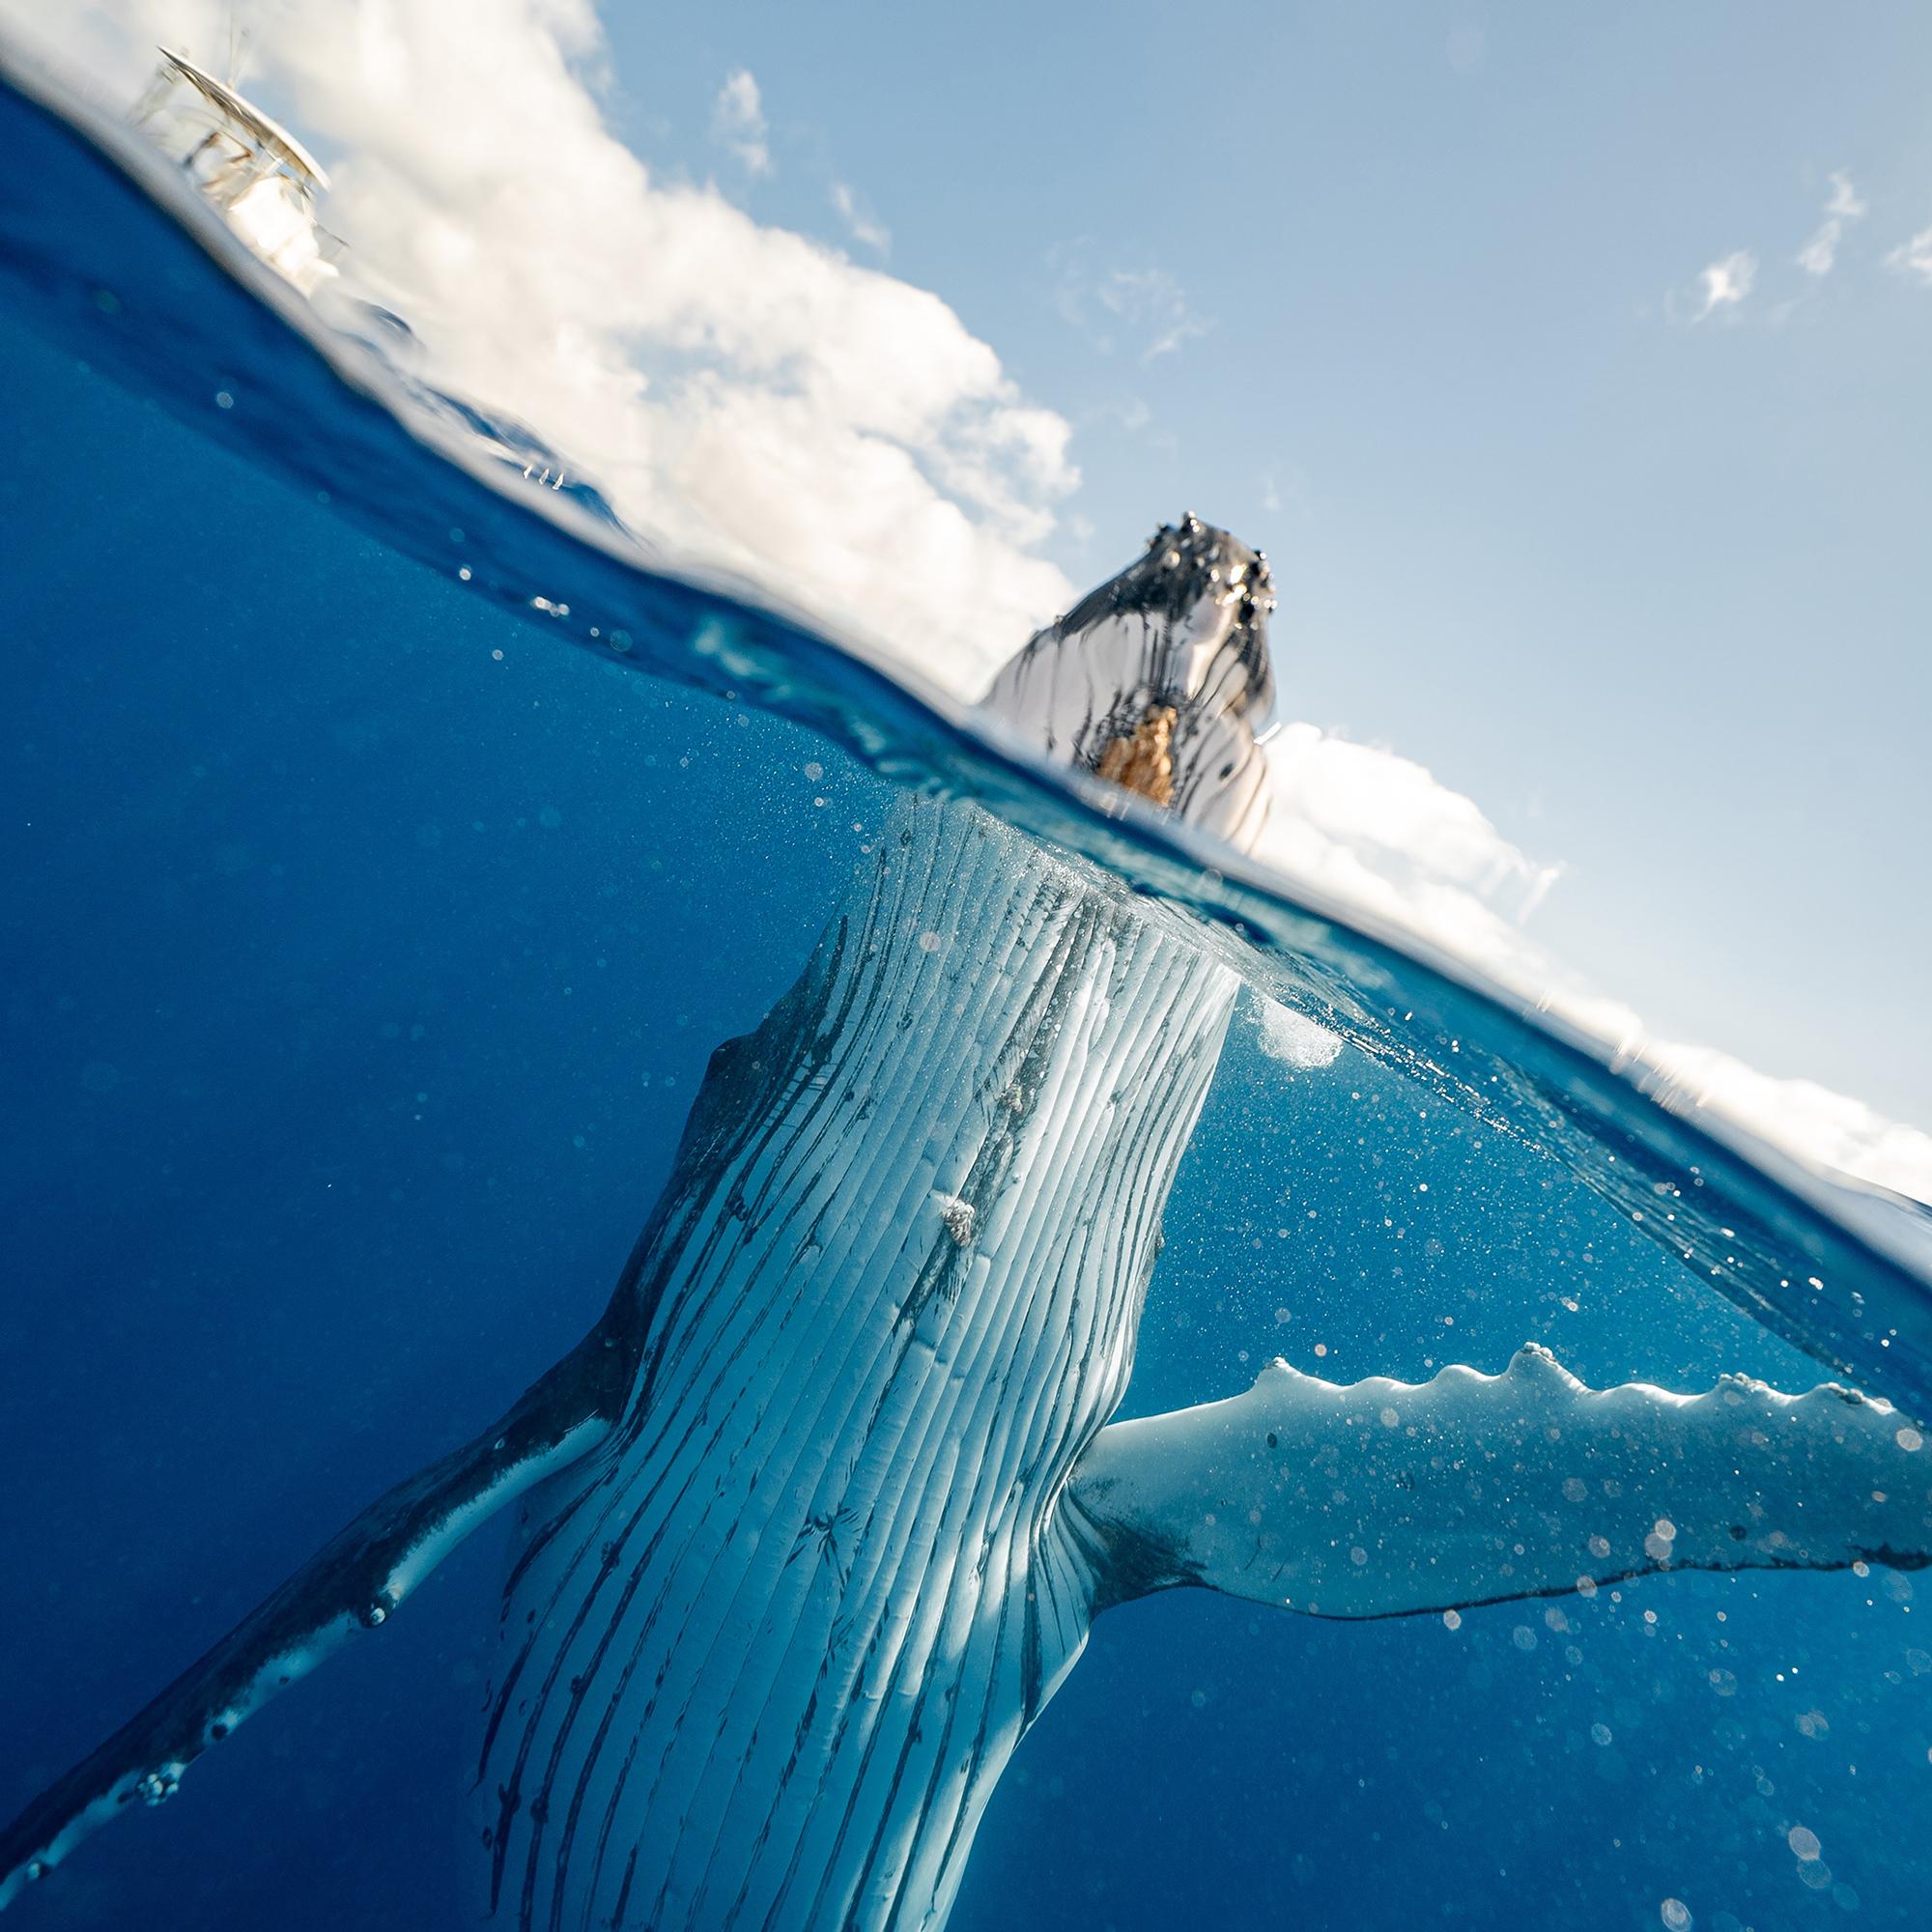 Humpback whale emerging from ocean by Elianne Dipp via Pexels